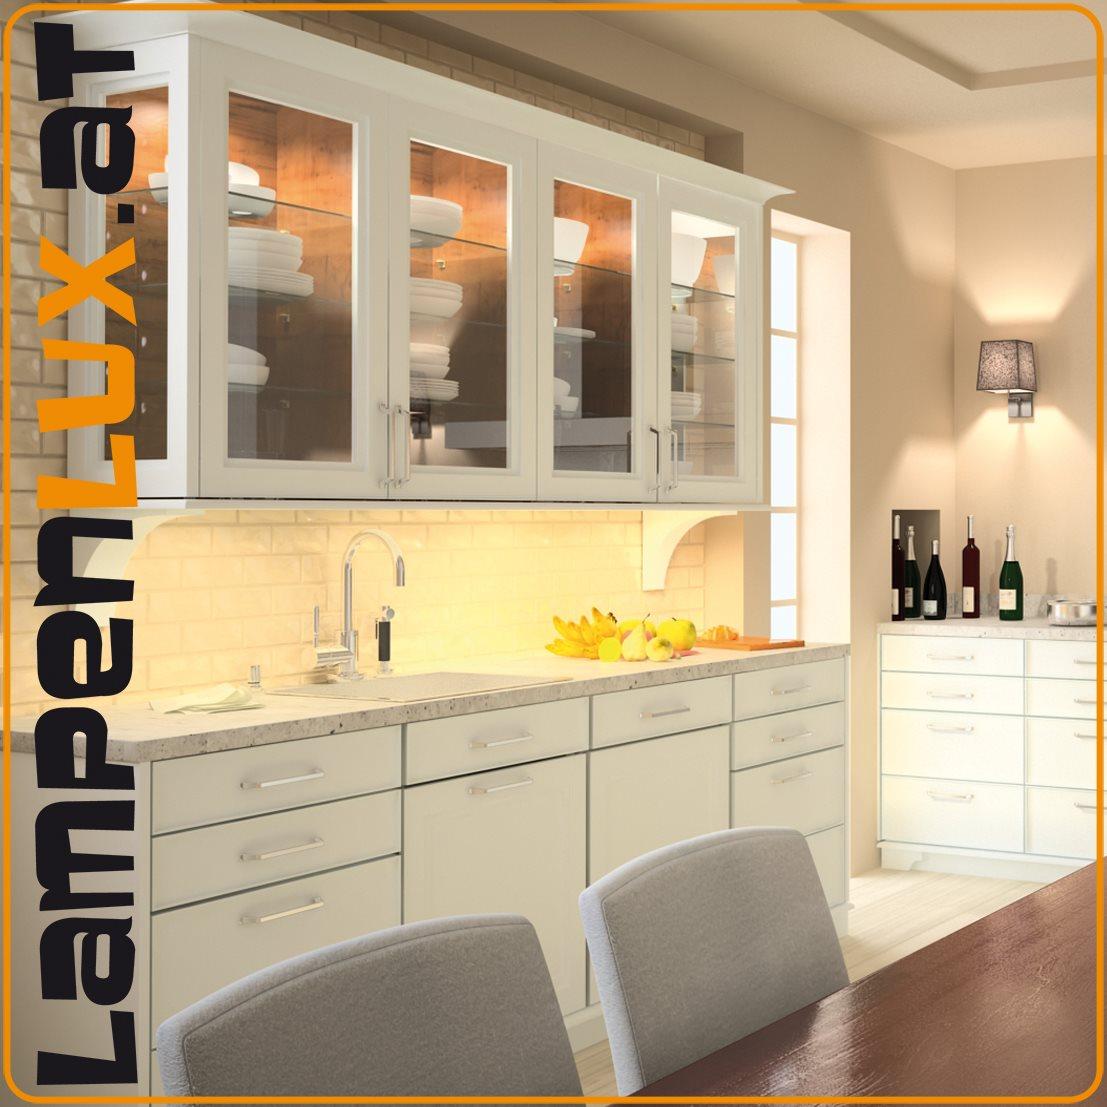 led schrank leuchte interessante ideen f r die gestaltung eines raumes in ihrem hause. Black Bedroom Furniture Sets. Home Design Ideas